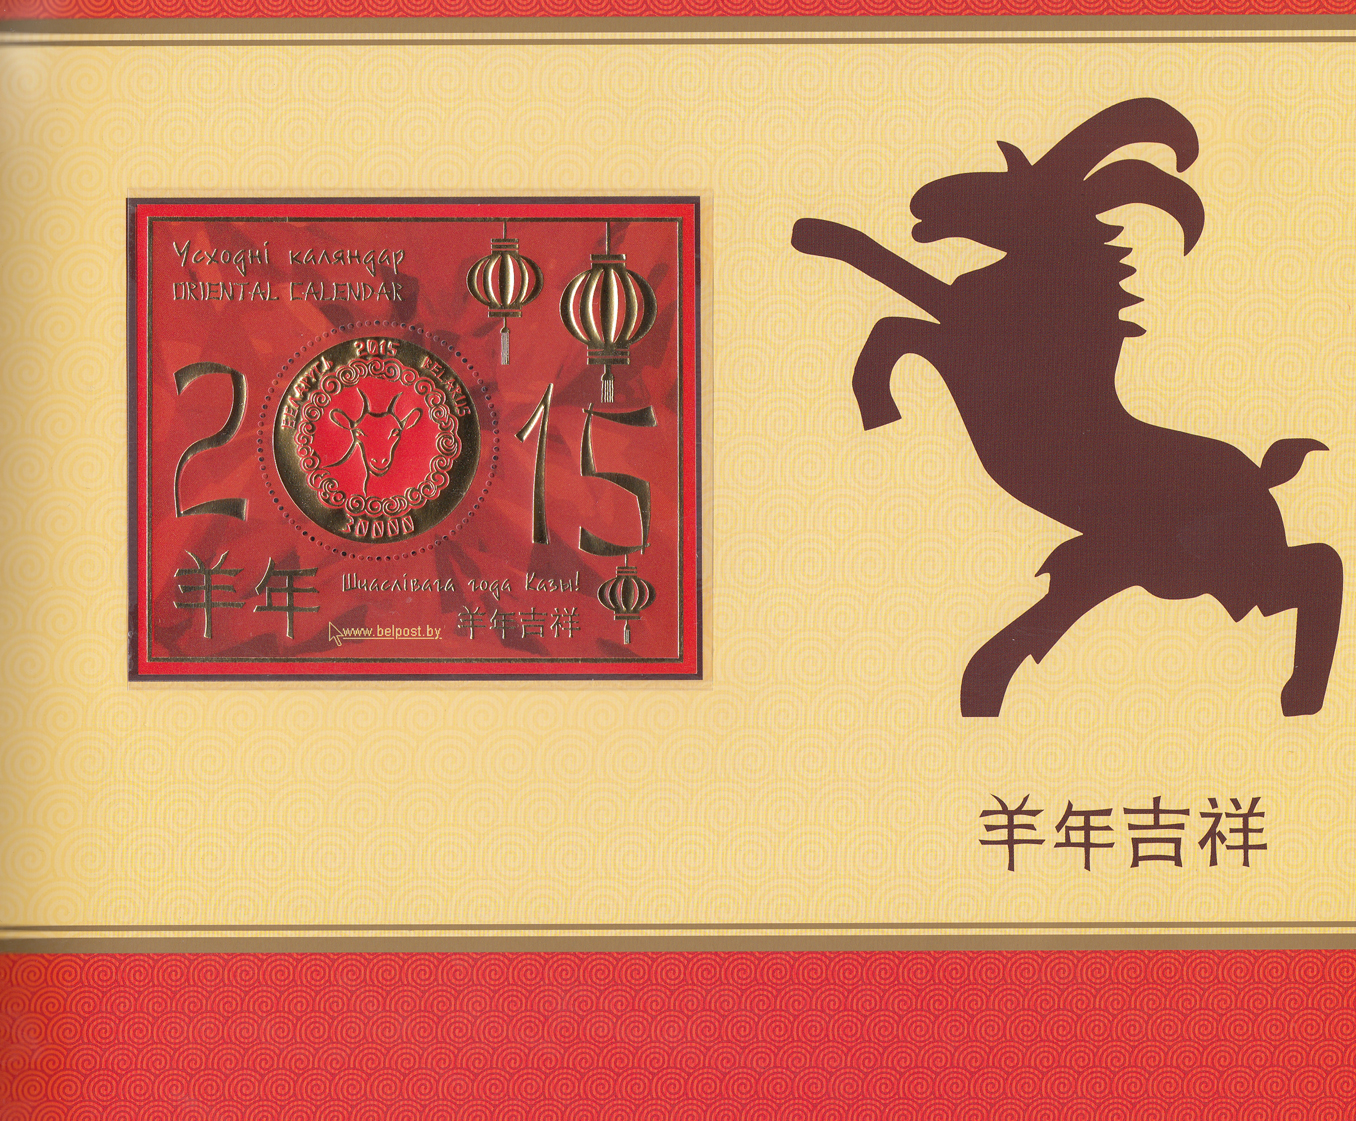 Почтовый блок Восточный календарь, 2015 год.